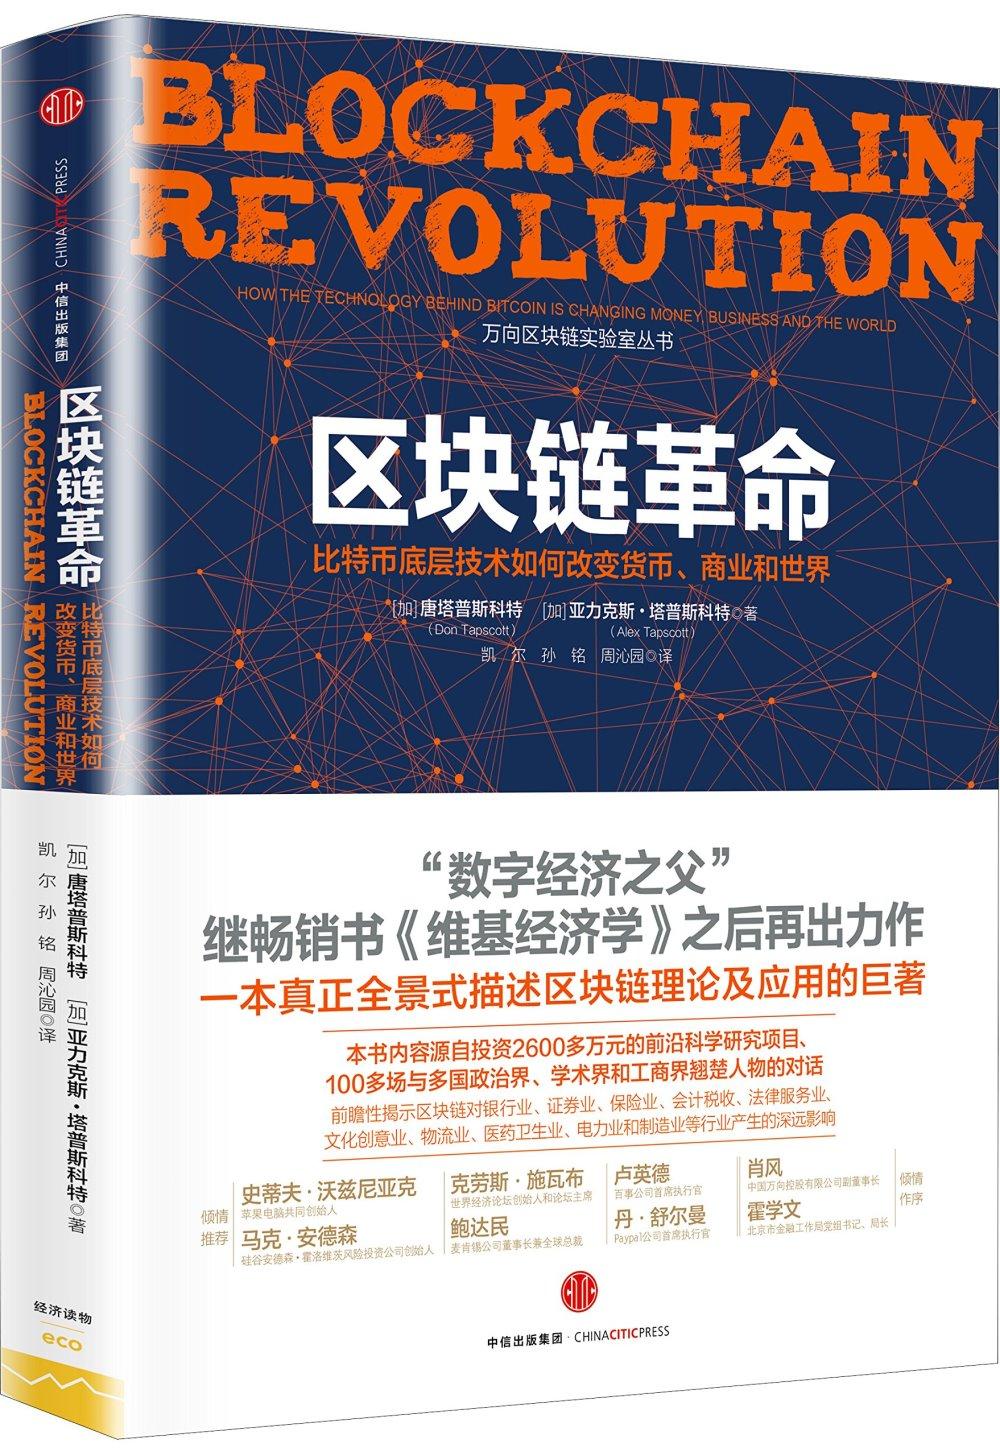 區塊鏈革命:比特幣底層技術如何改變貨幣、商業和世界